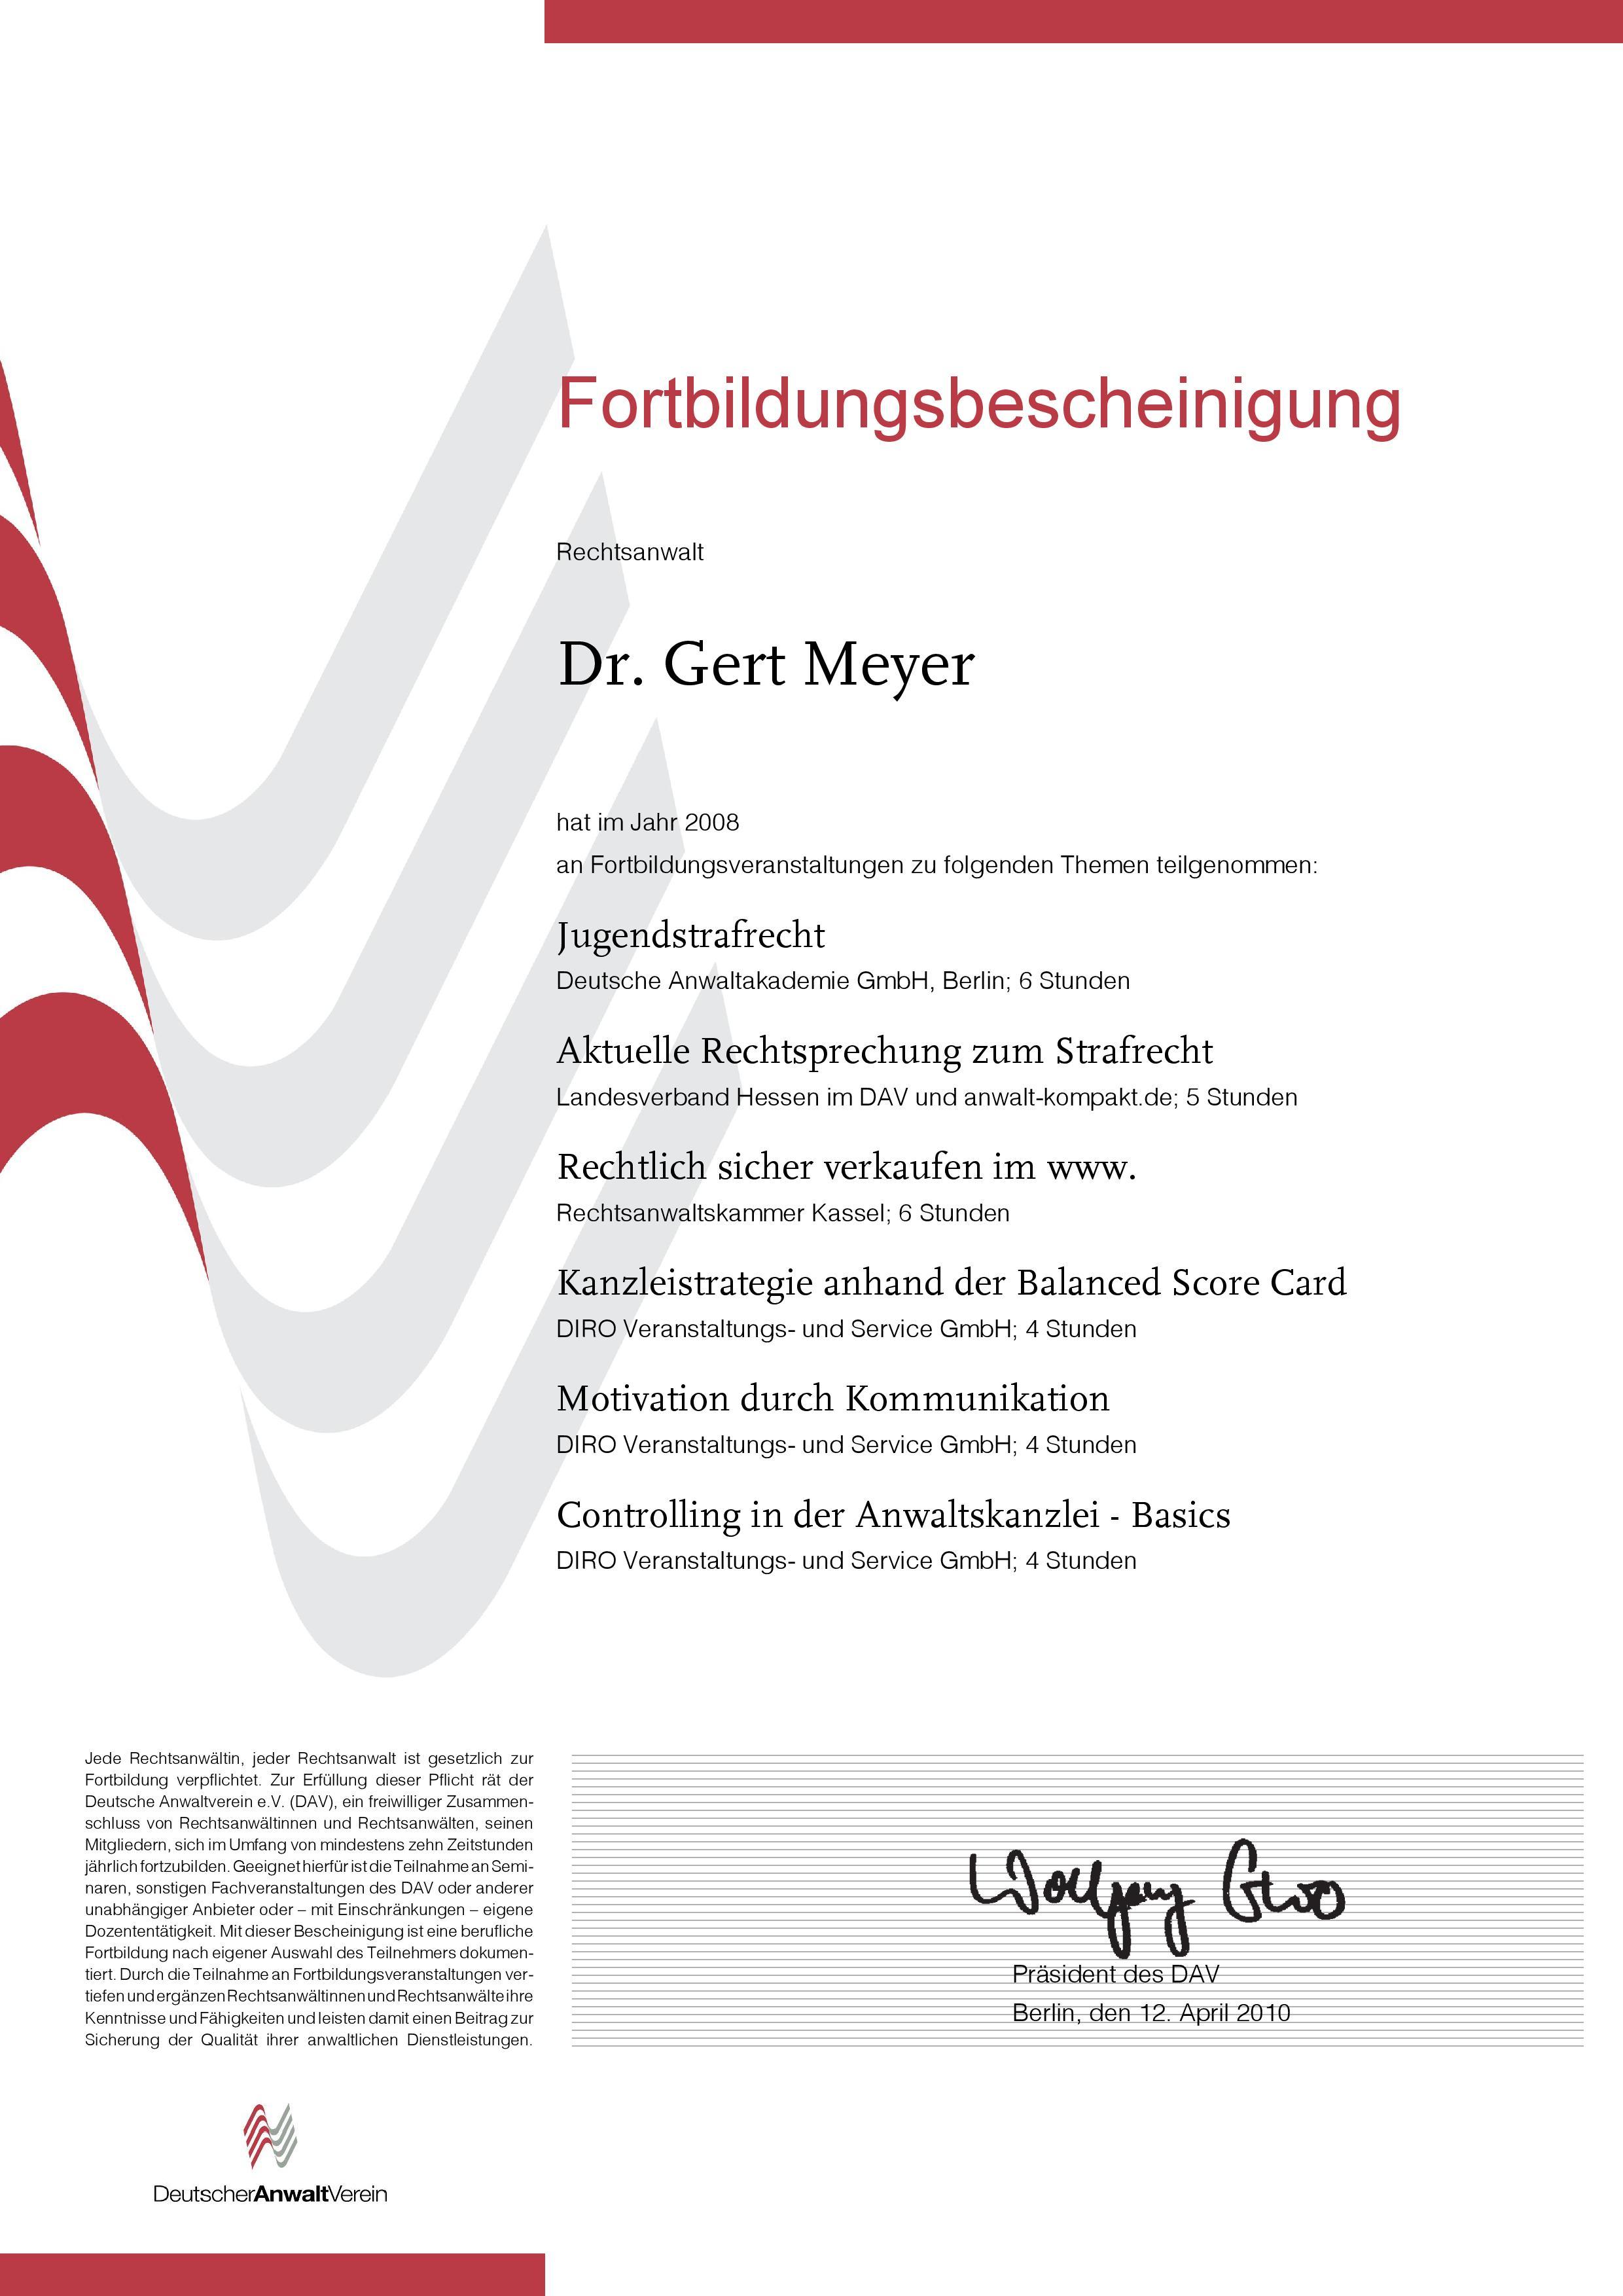 Fortbildungsbescheinigung 08-page-001